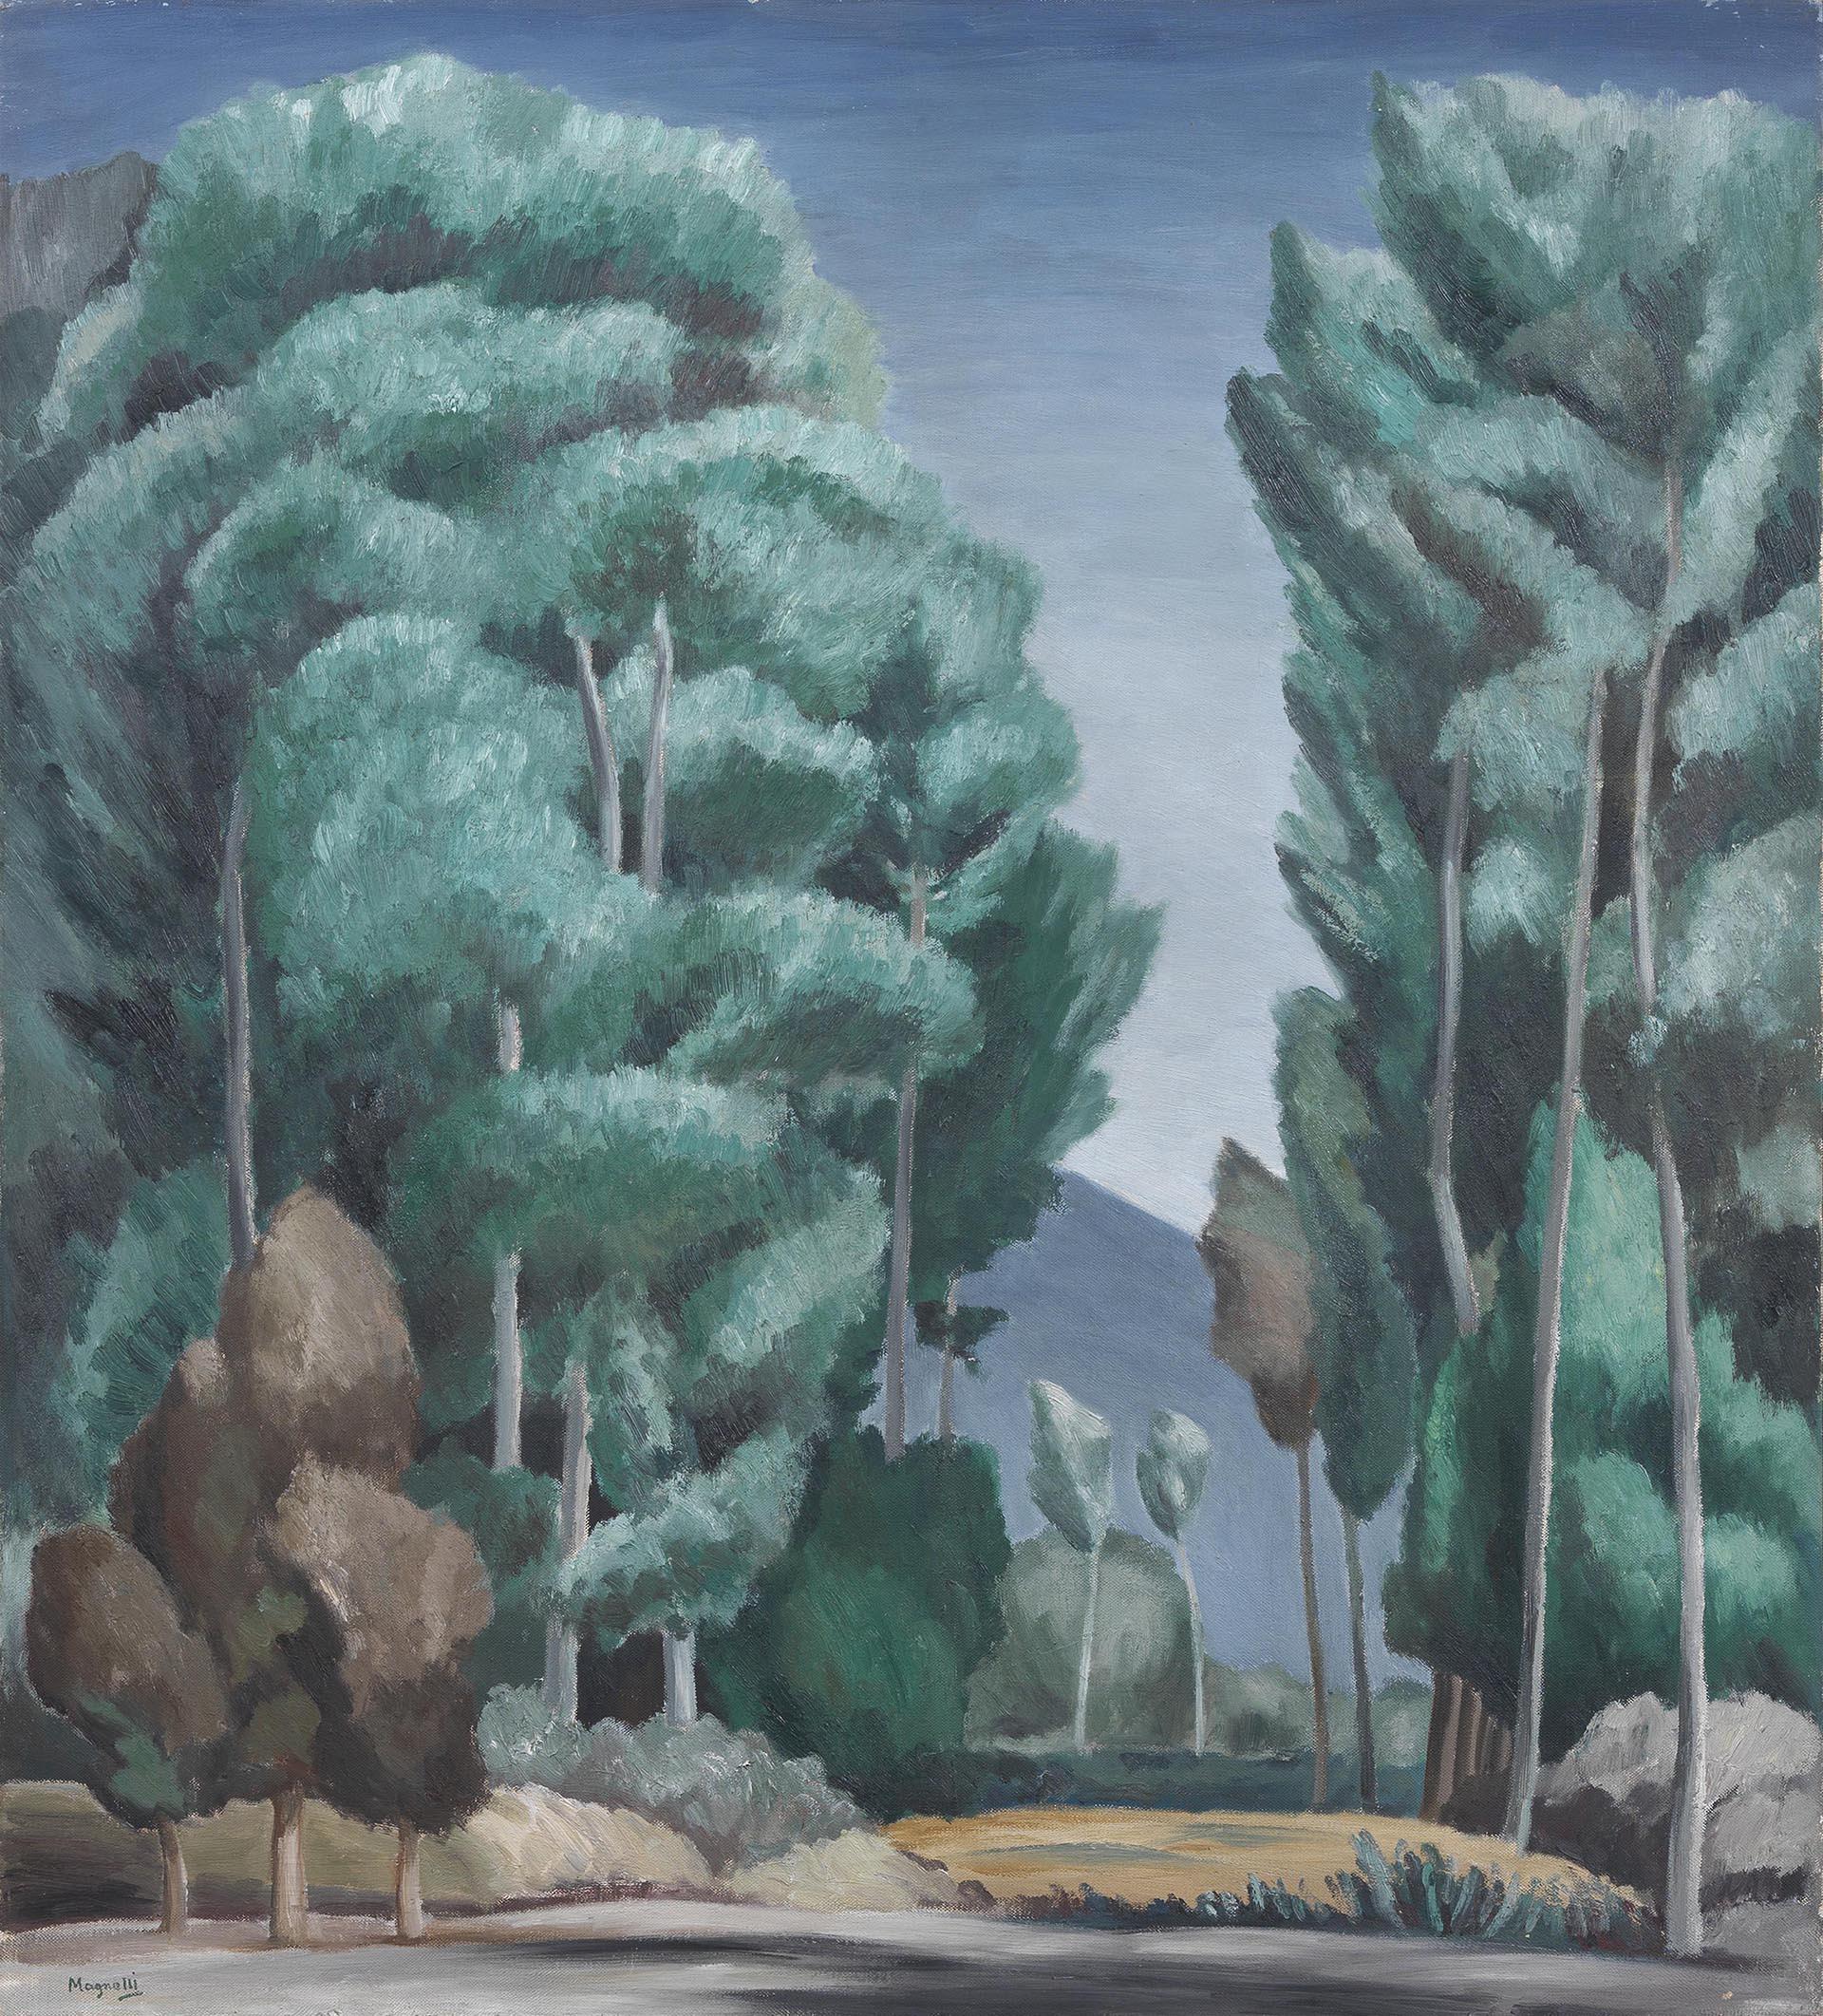 Magnelli_Paysage_1928_106X96cm